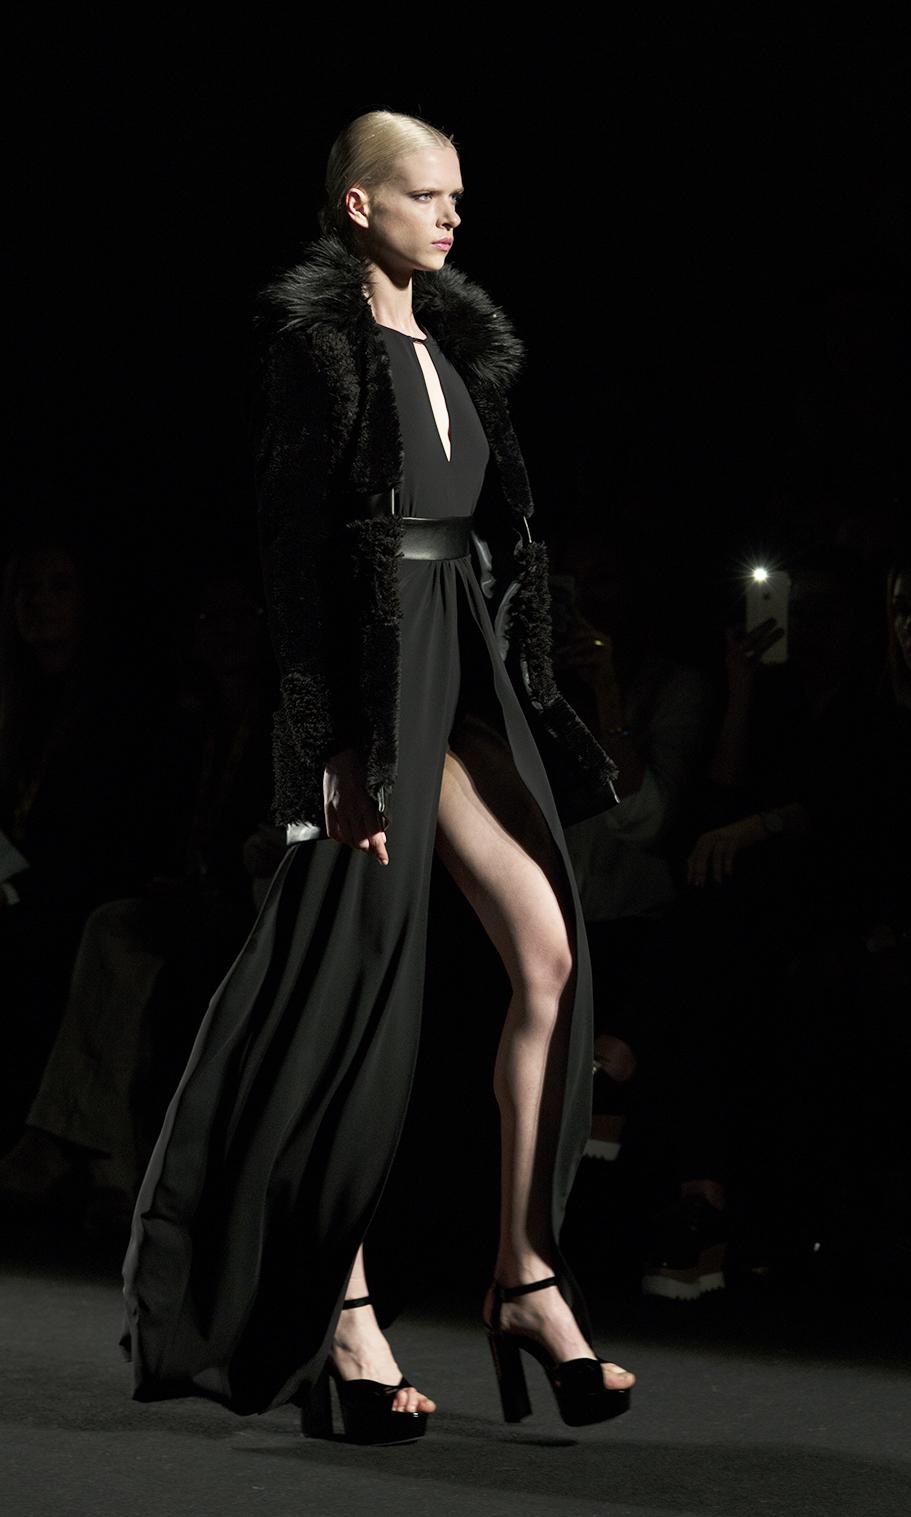 Vestido Negro Pierna al aire